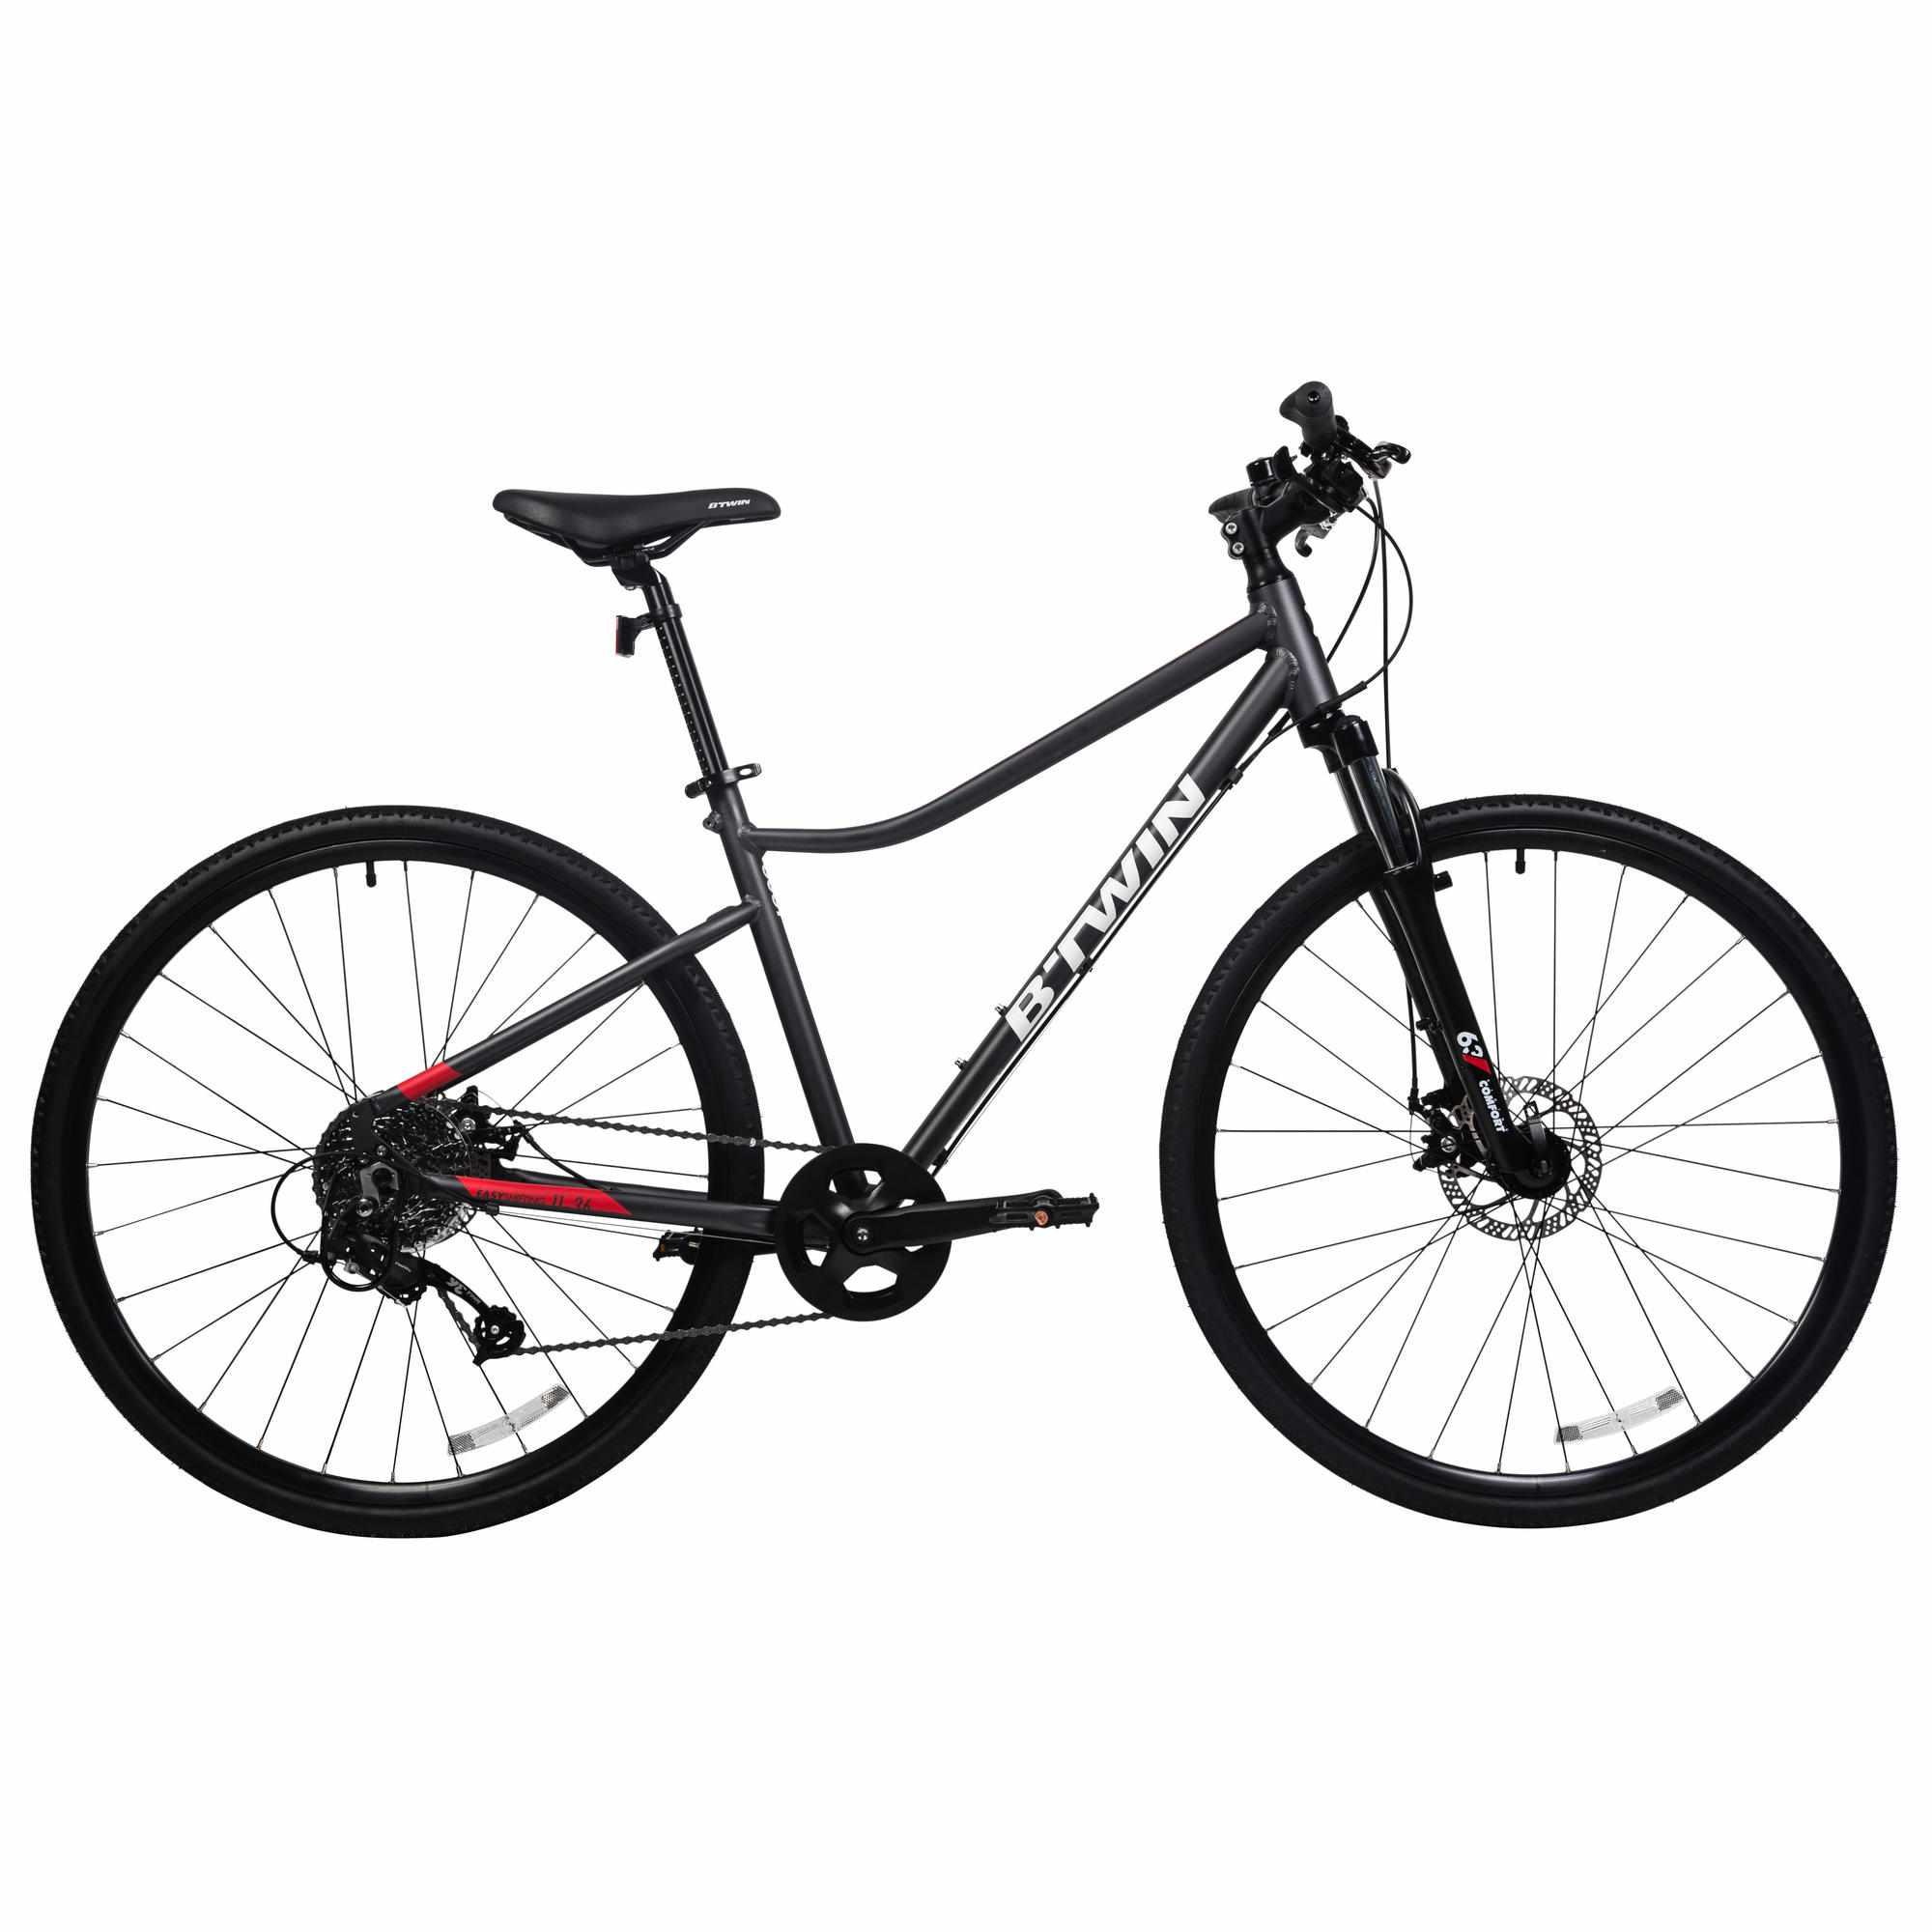 Decathlon Riverside 500 Hybrid Bike